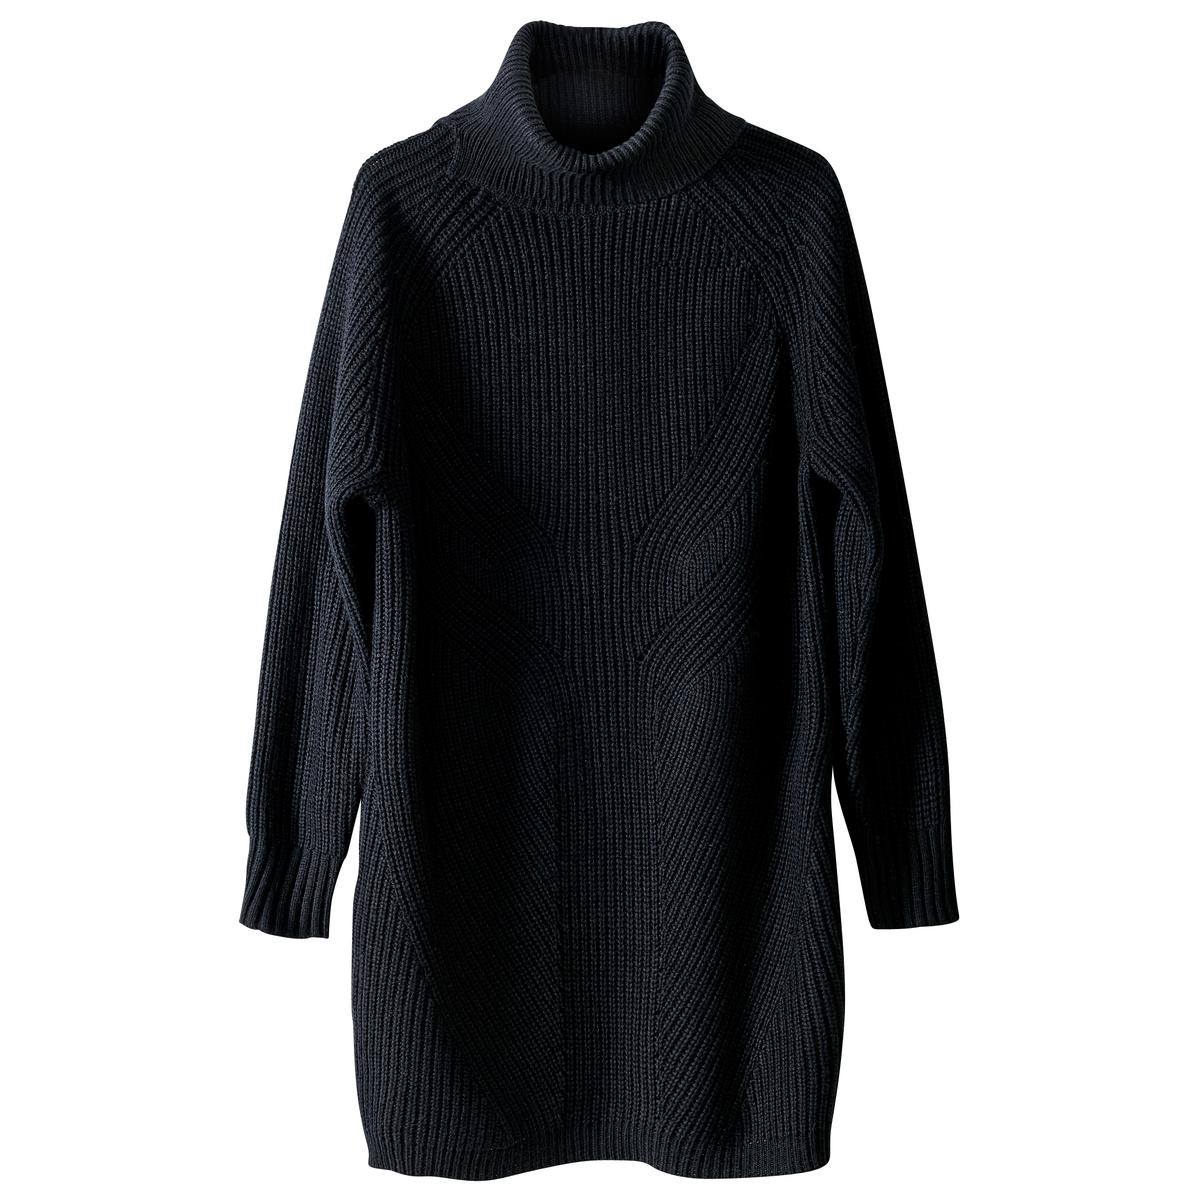 Платье-пуловер с воротником из шерсти и альпакиОписаниеДетали •  Форма : платье-пуловер •  Укороченная модель •  Длинные рукава    •  Воротник с отворотомСостав и уход •  40% полиамида, 33% акрила, 22% шерсти, 5% альпаки •  Tемпература стирки 30° на деликатном режиме •  Сухая чистка и отбеливатели запрещены •  Не использовать барабанную сушку •  Не гладить •  Длина : 80 см<br><br>Цвет: серый меланж,черный<br>Размер: XXL.XL.L.XXL.XL.L.M